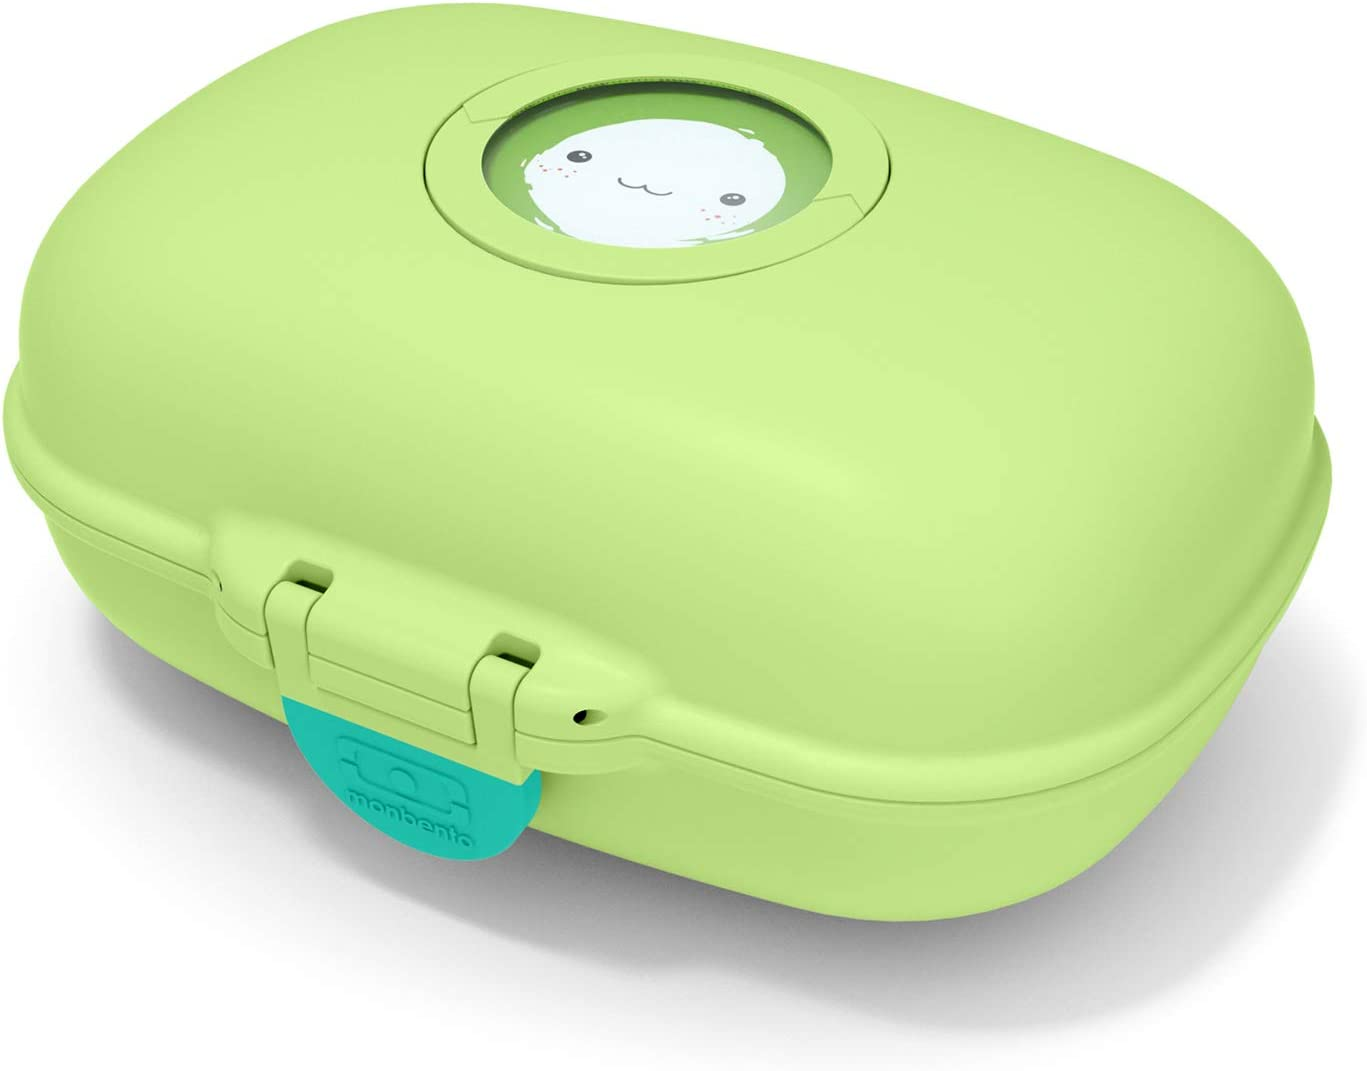 Boite Bento 800ML avec 4 Compartiments Container Set Viennent avec Sac Isotherme Bouteille deau sans BPA//Microondes//Cong/élateur OldPAPA Bo/îte /à Bento pour Enfants